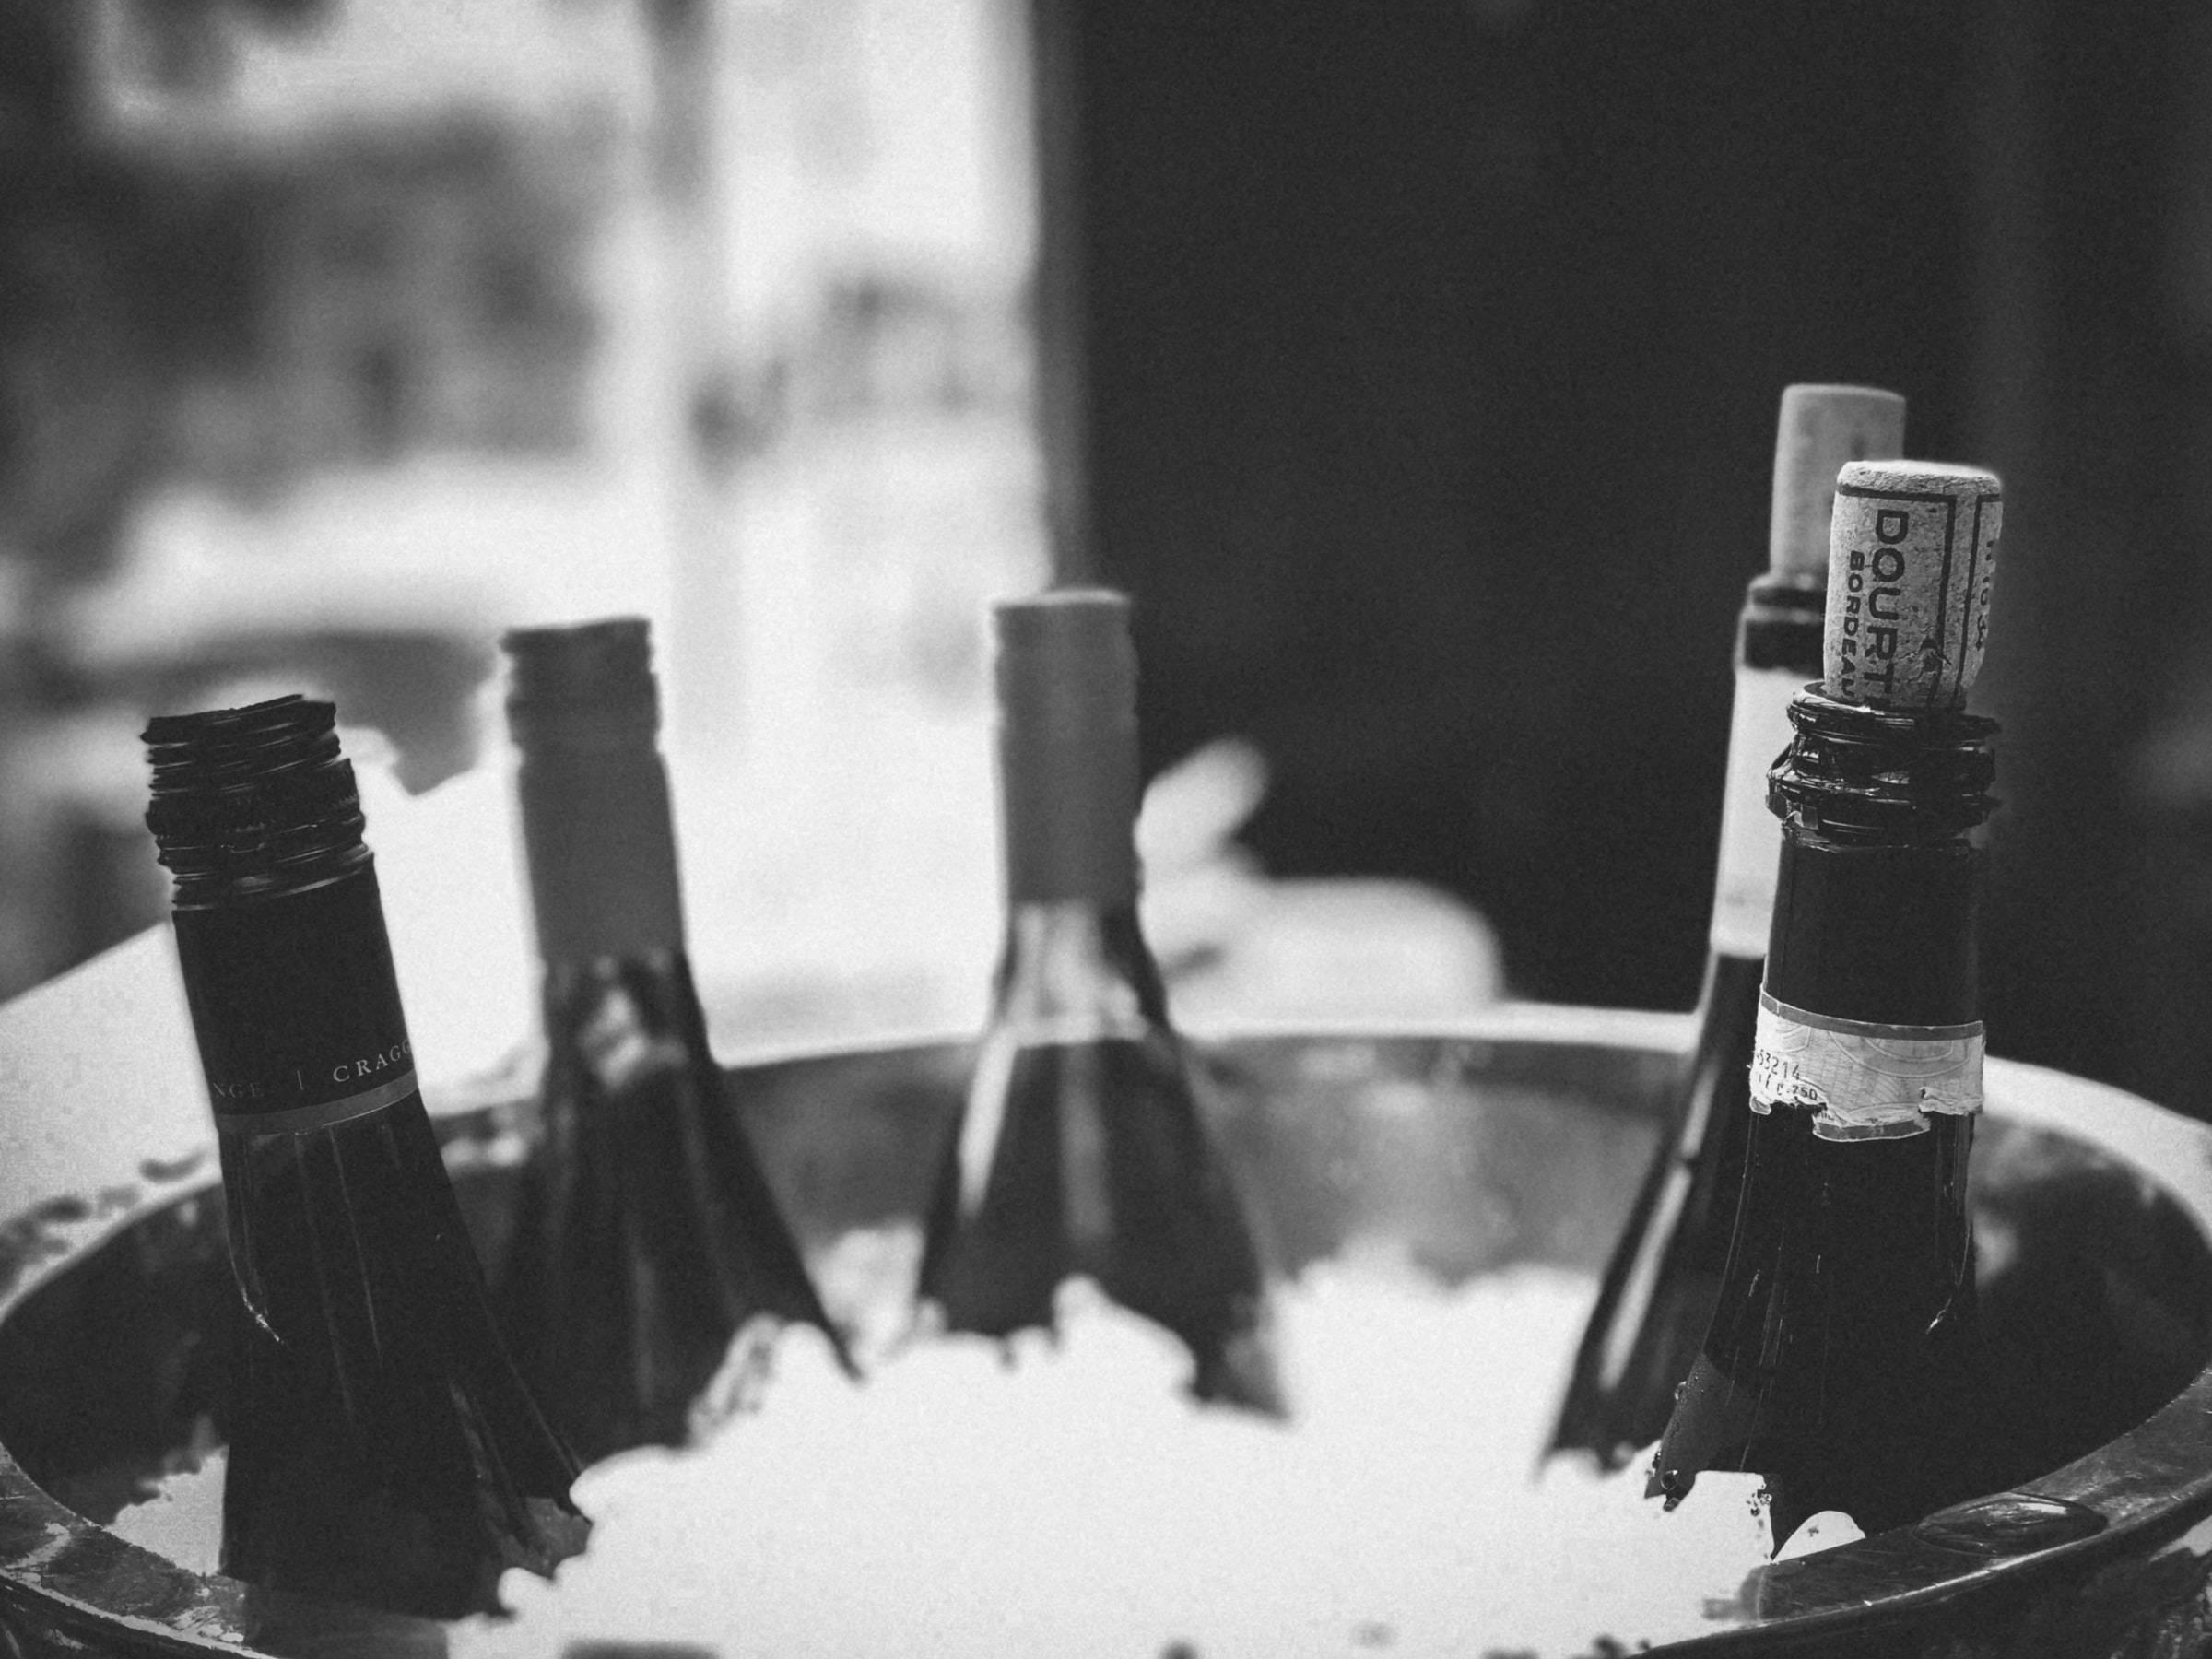 wine bar business plan template